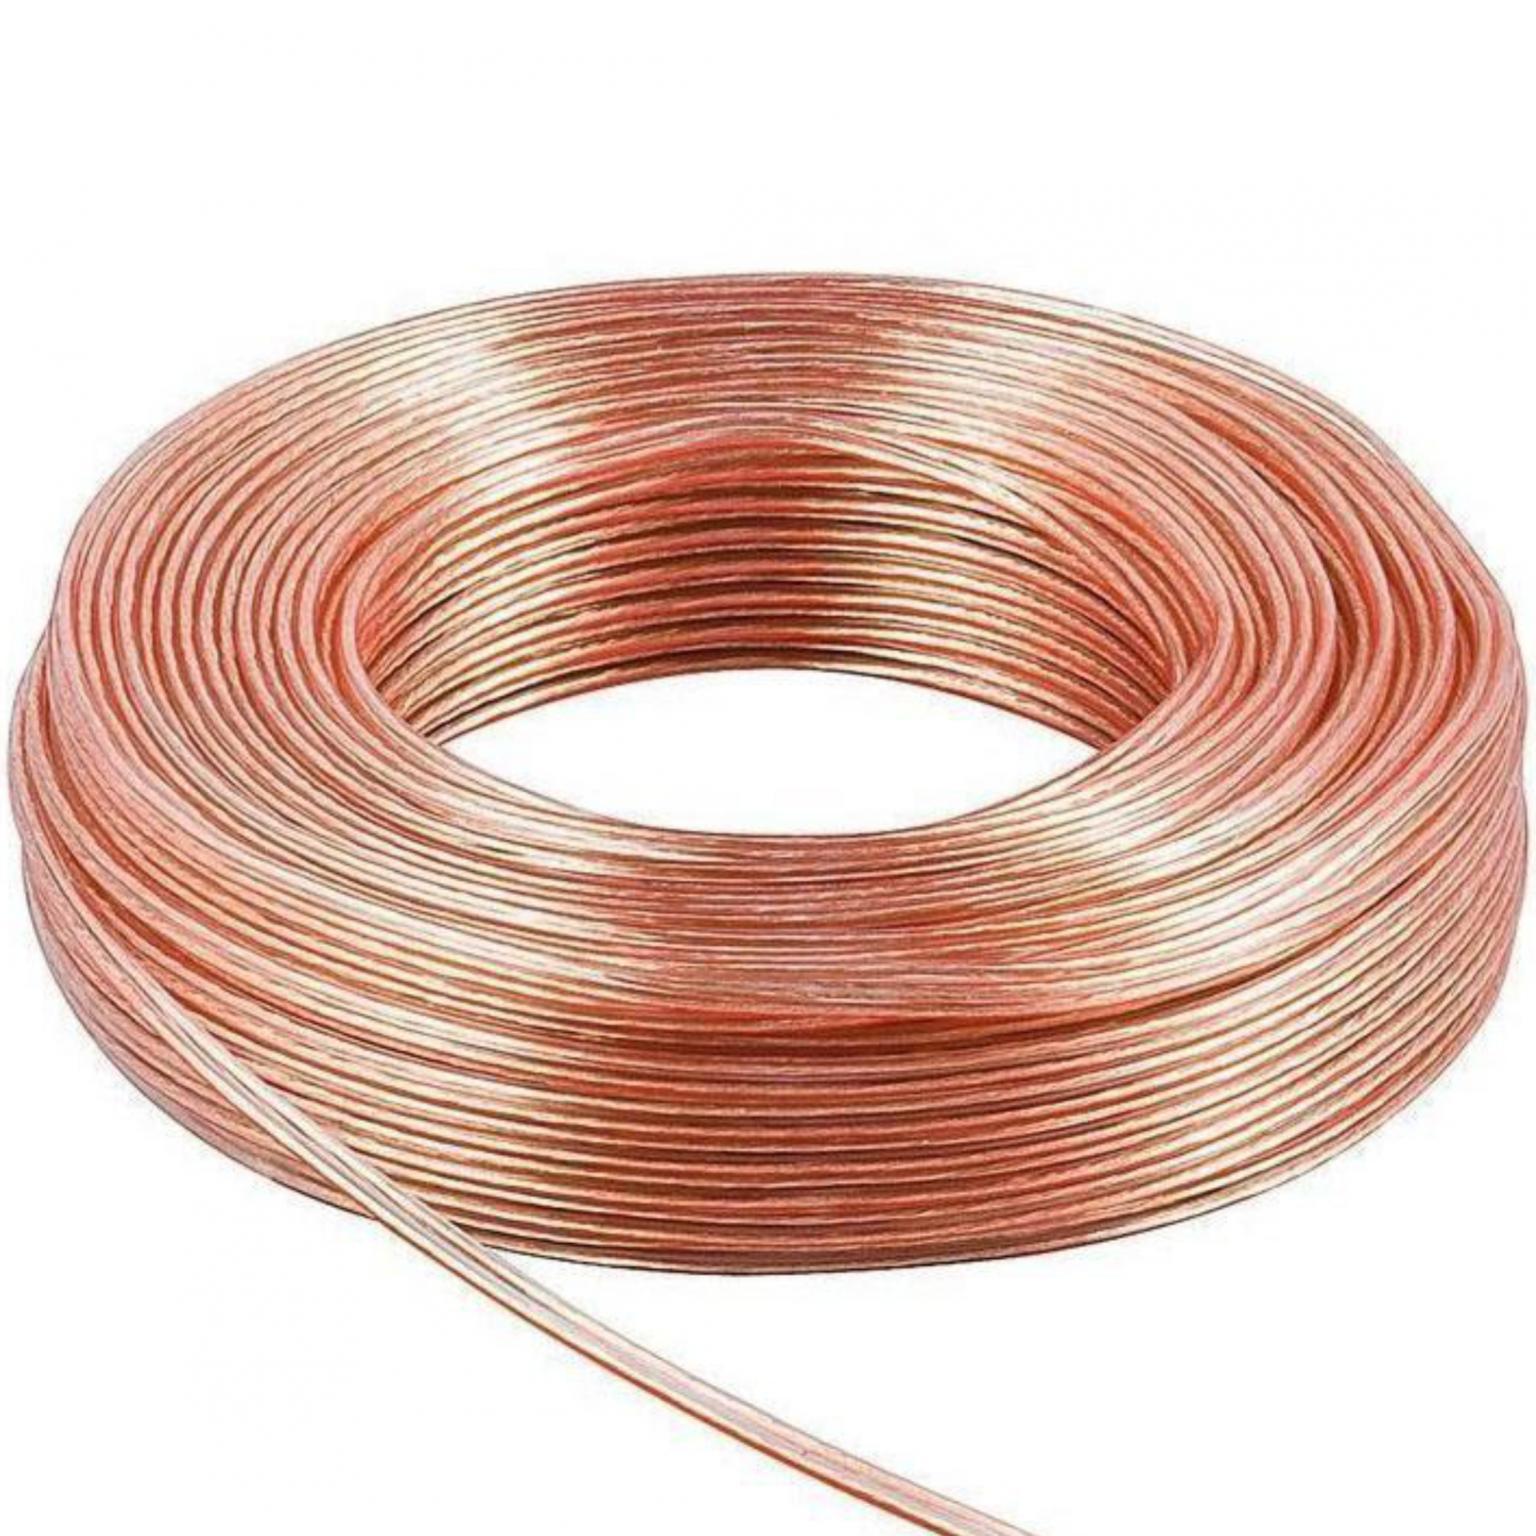 Luidspreker Kabel - 1.5mm Haspel 50 meter